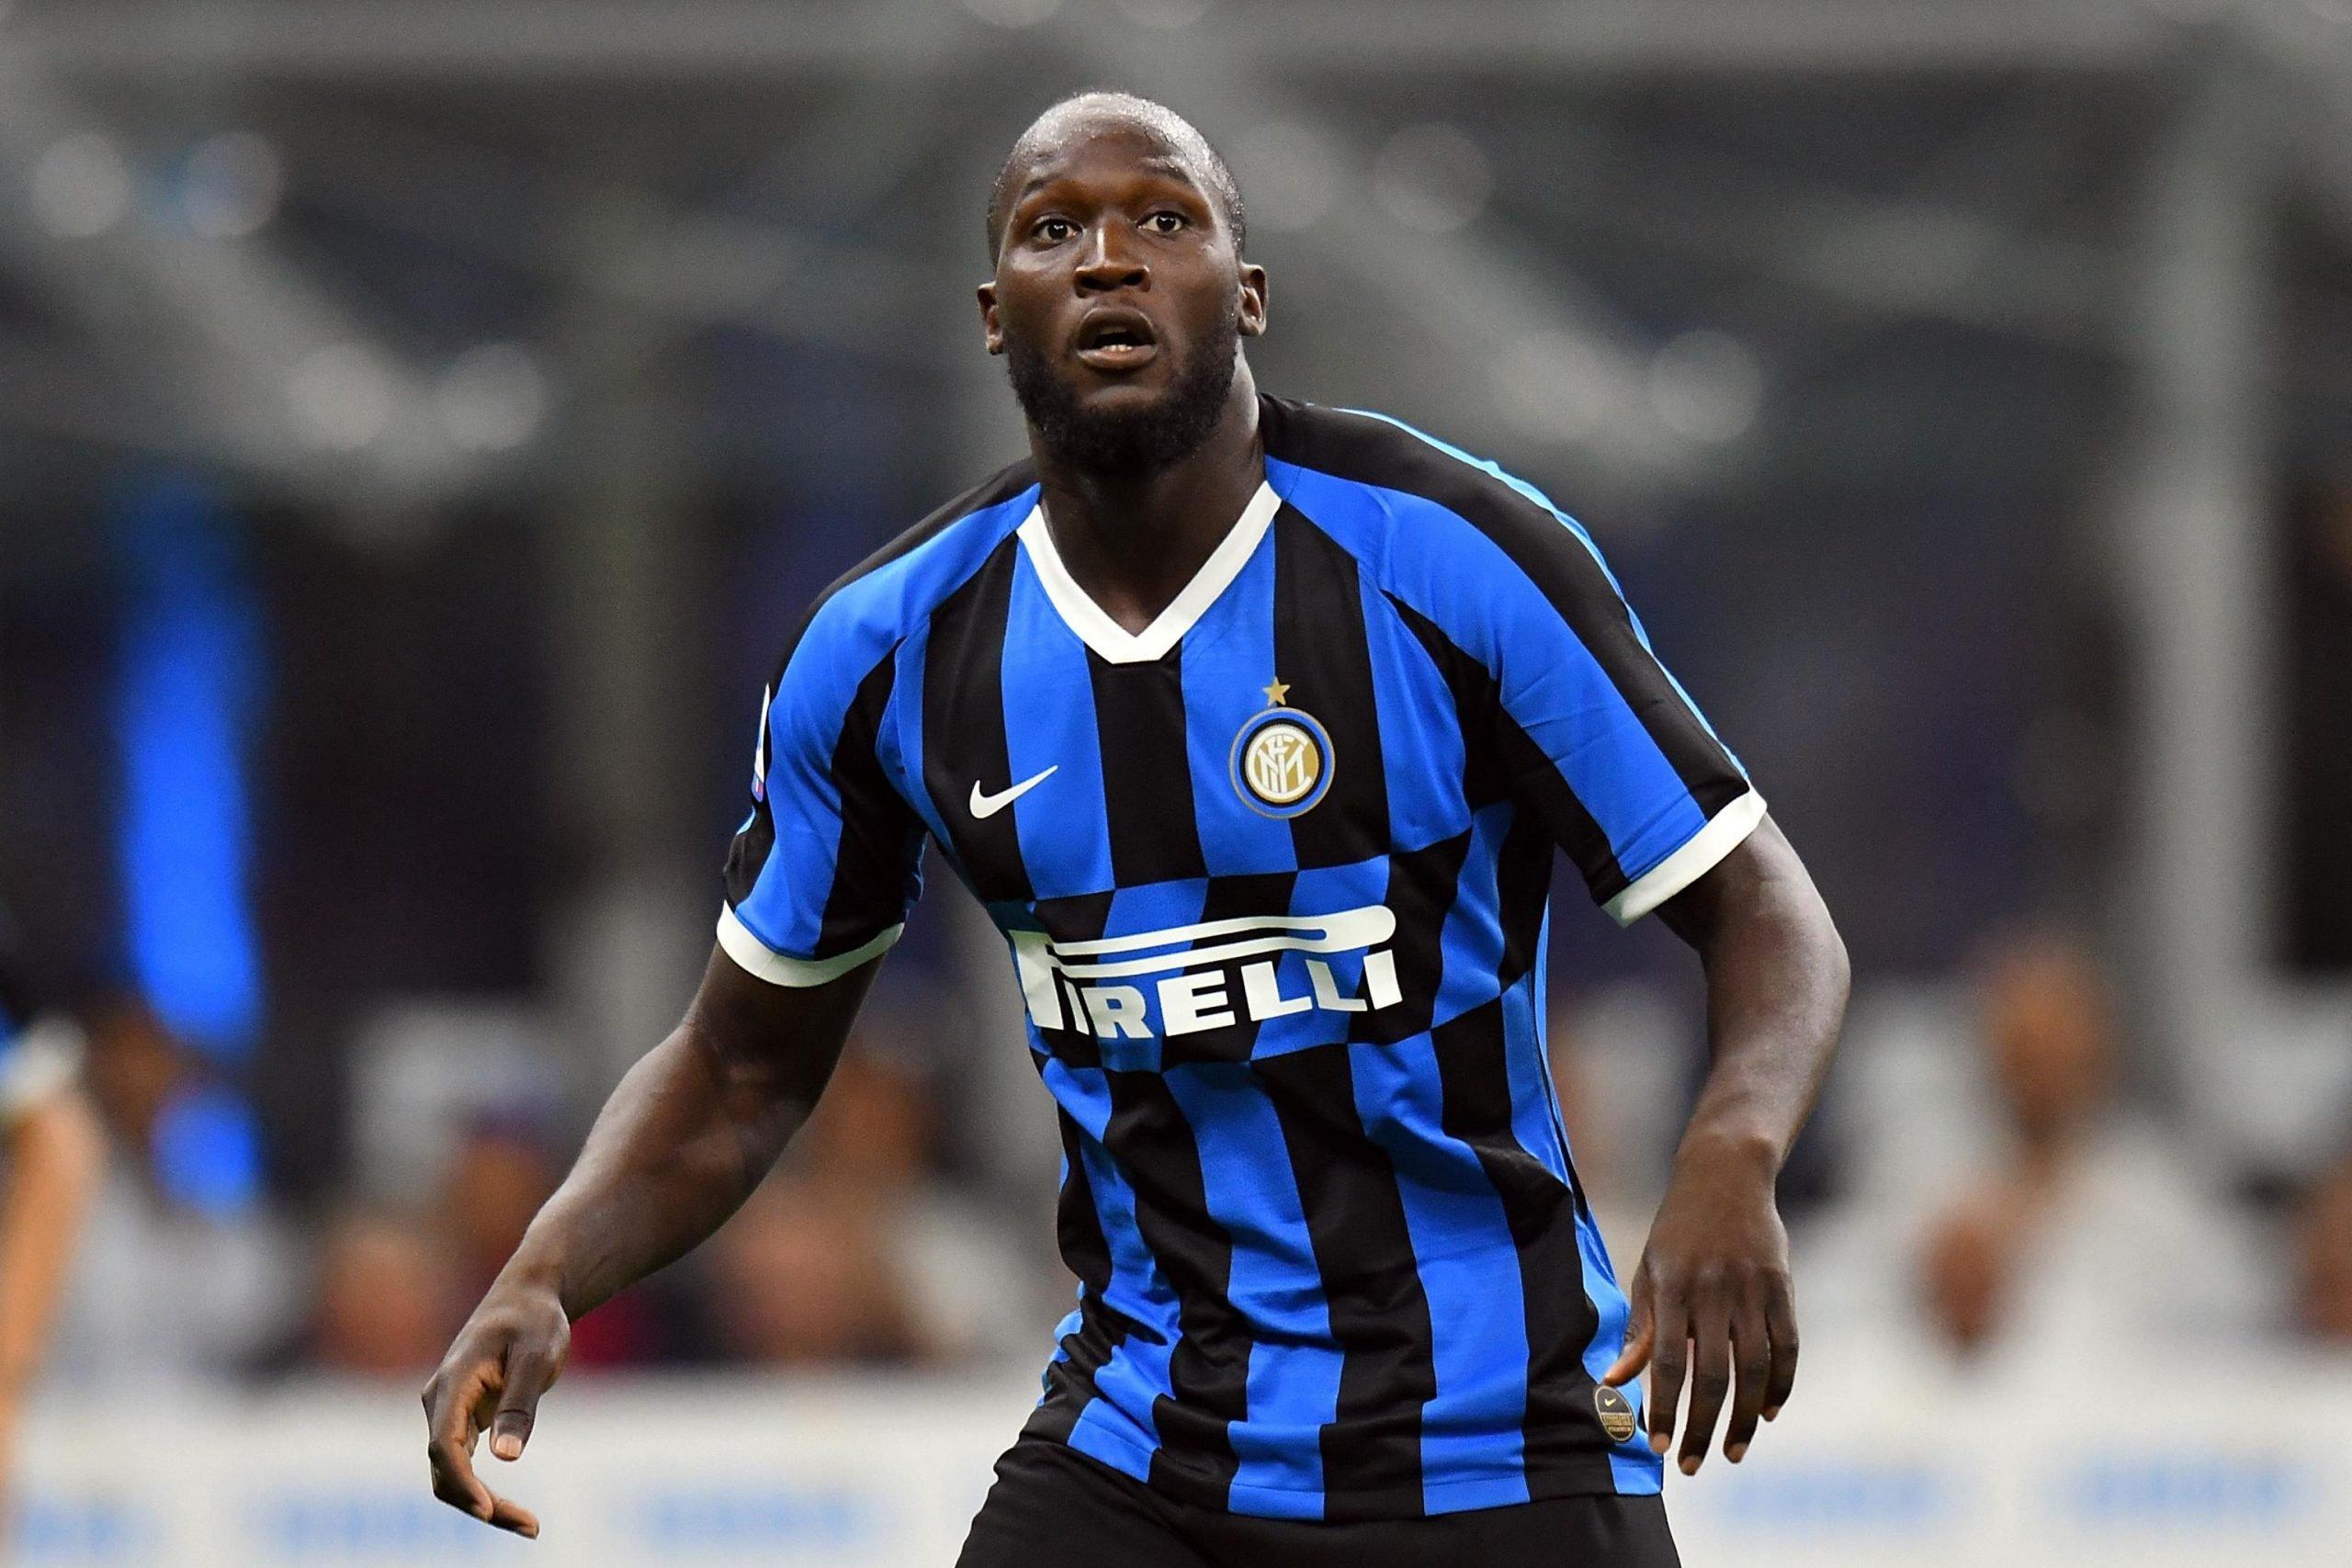 lukaku parmi les footballeurs originaires d'Afrique les plus diplômés